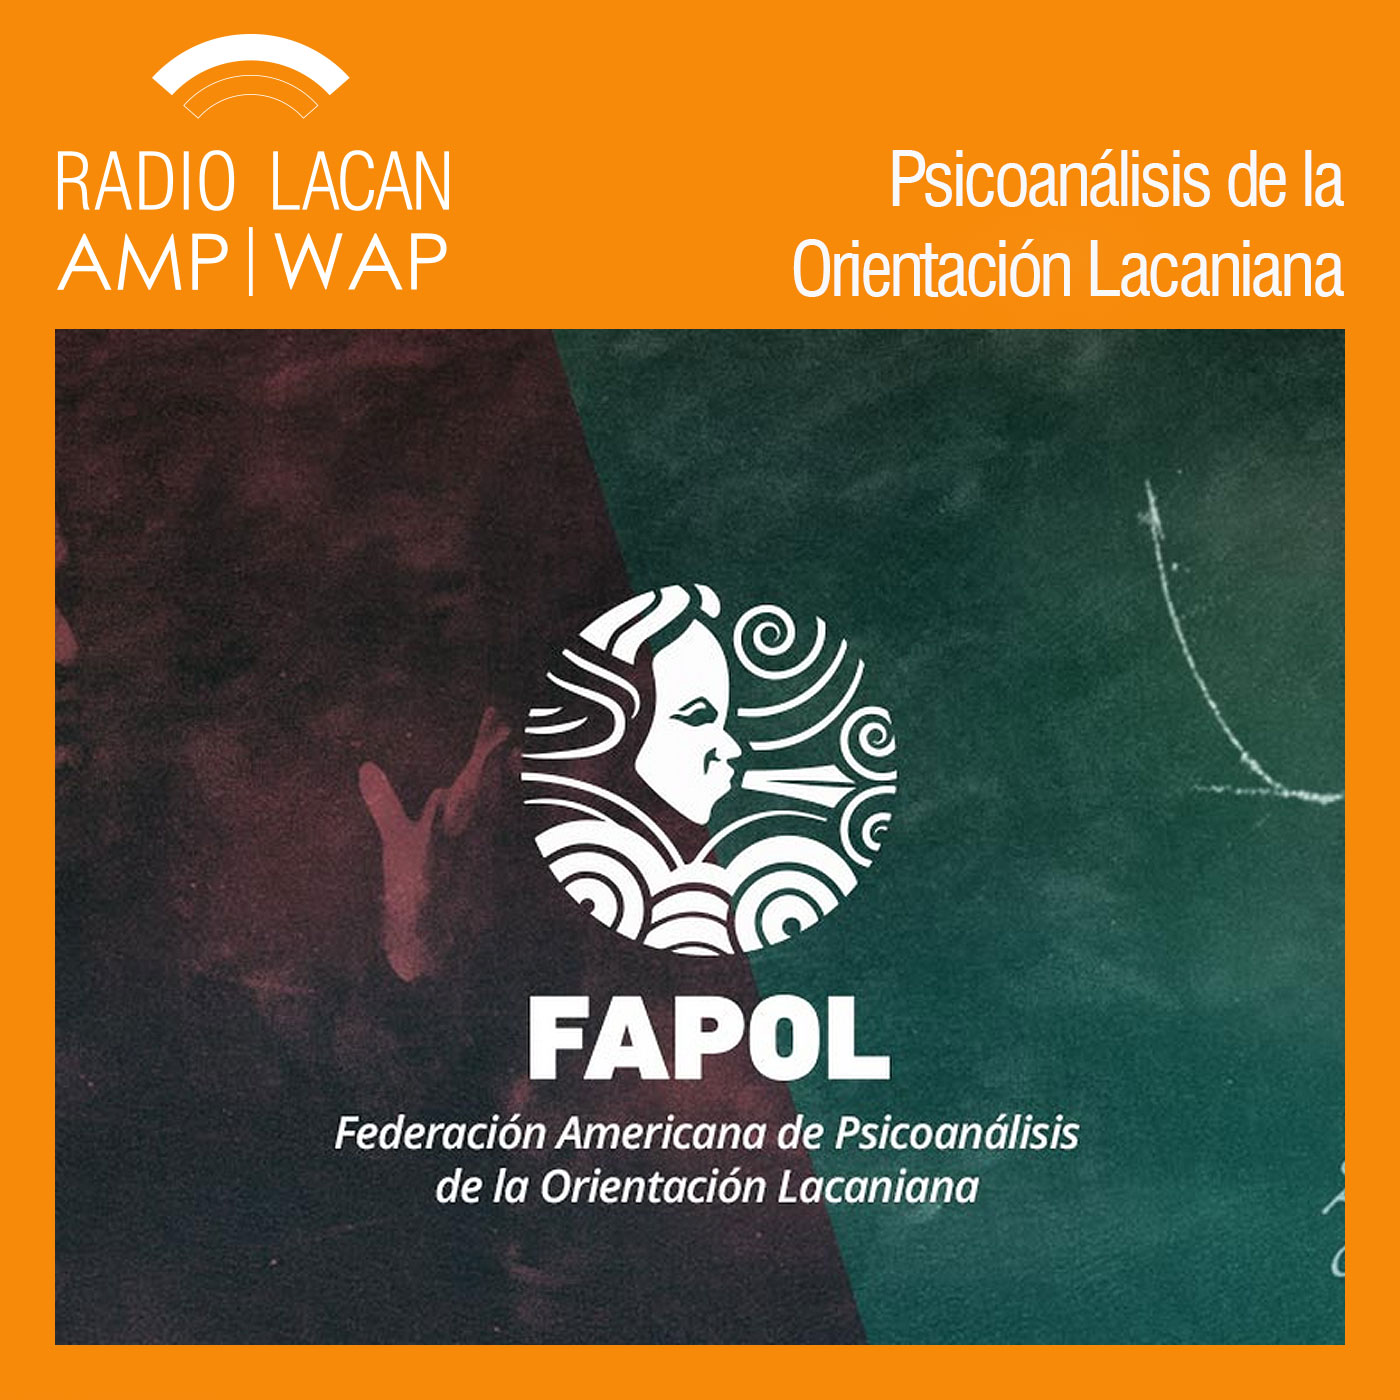 RadioLacan.com | <![CDATA[Ecos Rua-Fapol-Enapol: Conversamos con Inés Sotelo y Osvaldo Delgado acerca de la Red Universitaria Americana]]>